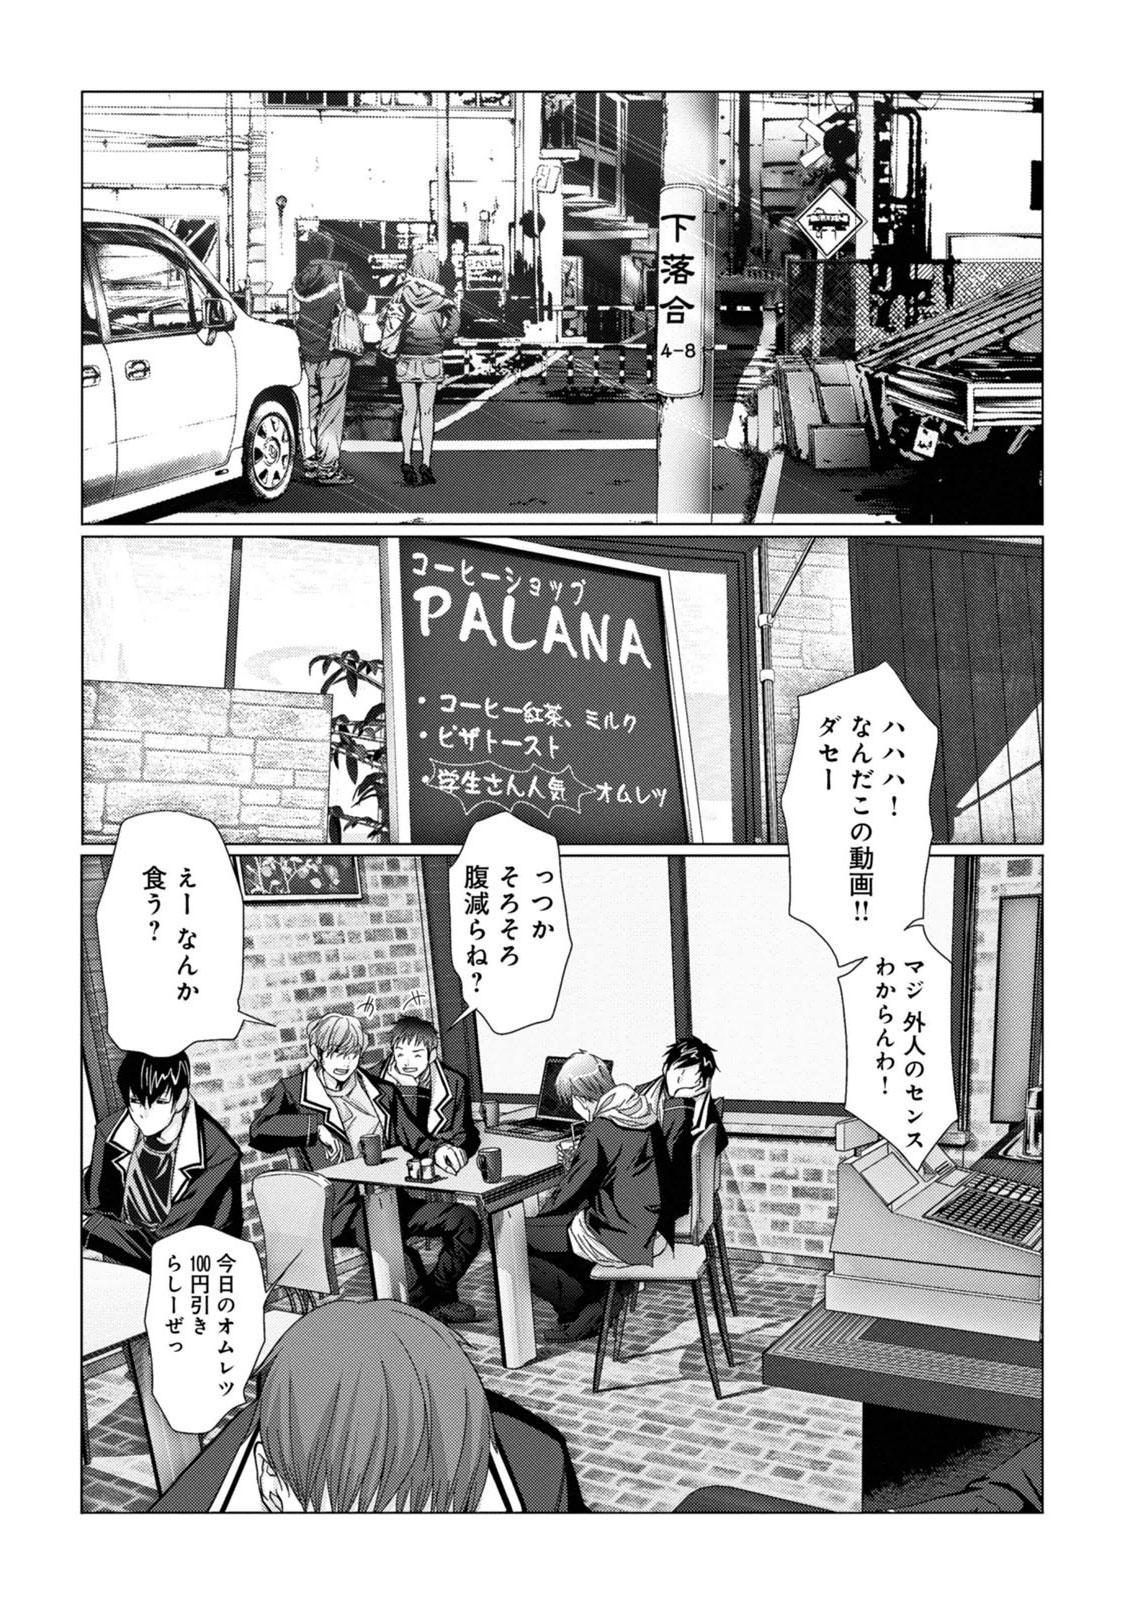 [Miyazaki Maya] Holy Knight ~Junketsu to Ai no Hazama de~ Vol. 1 52